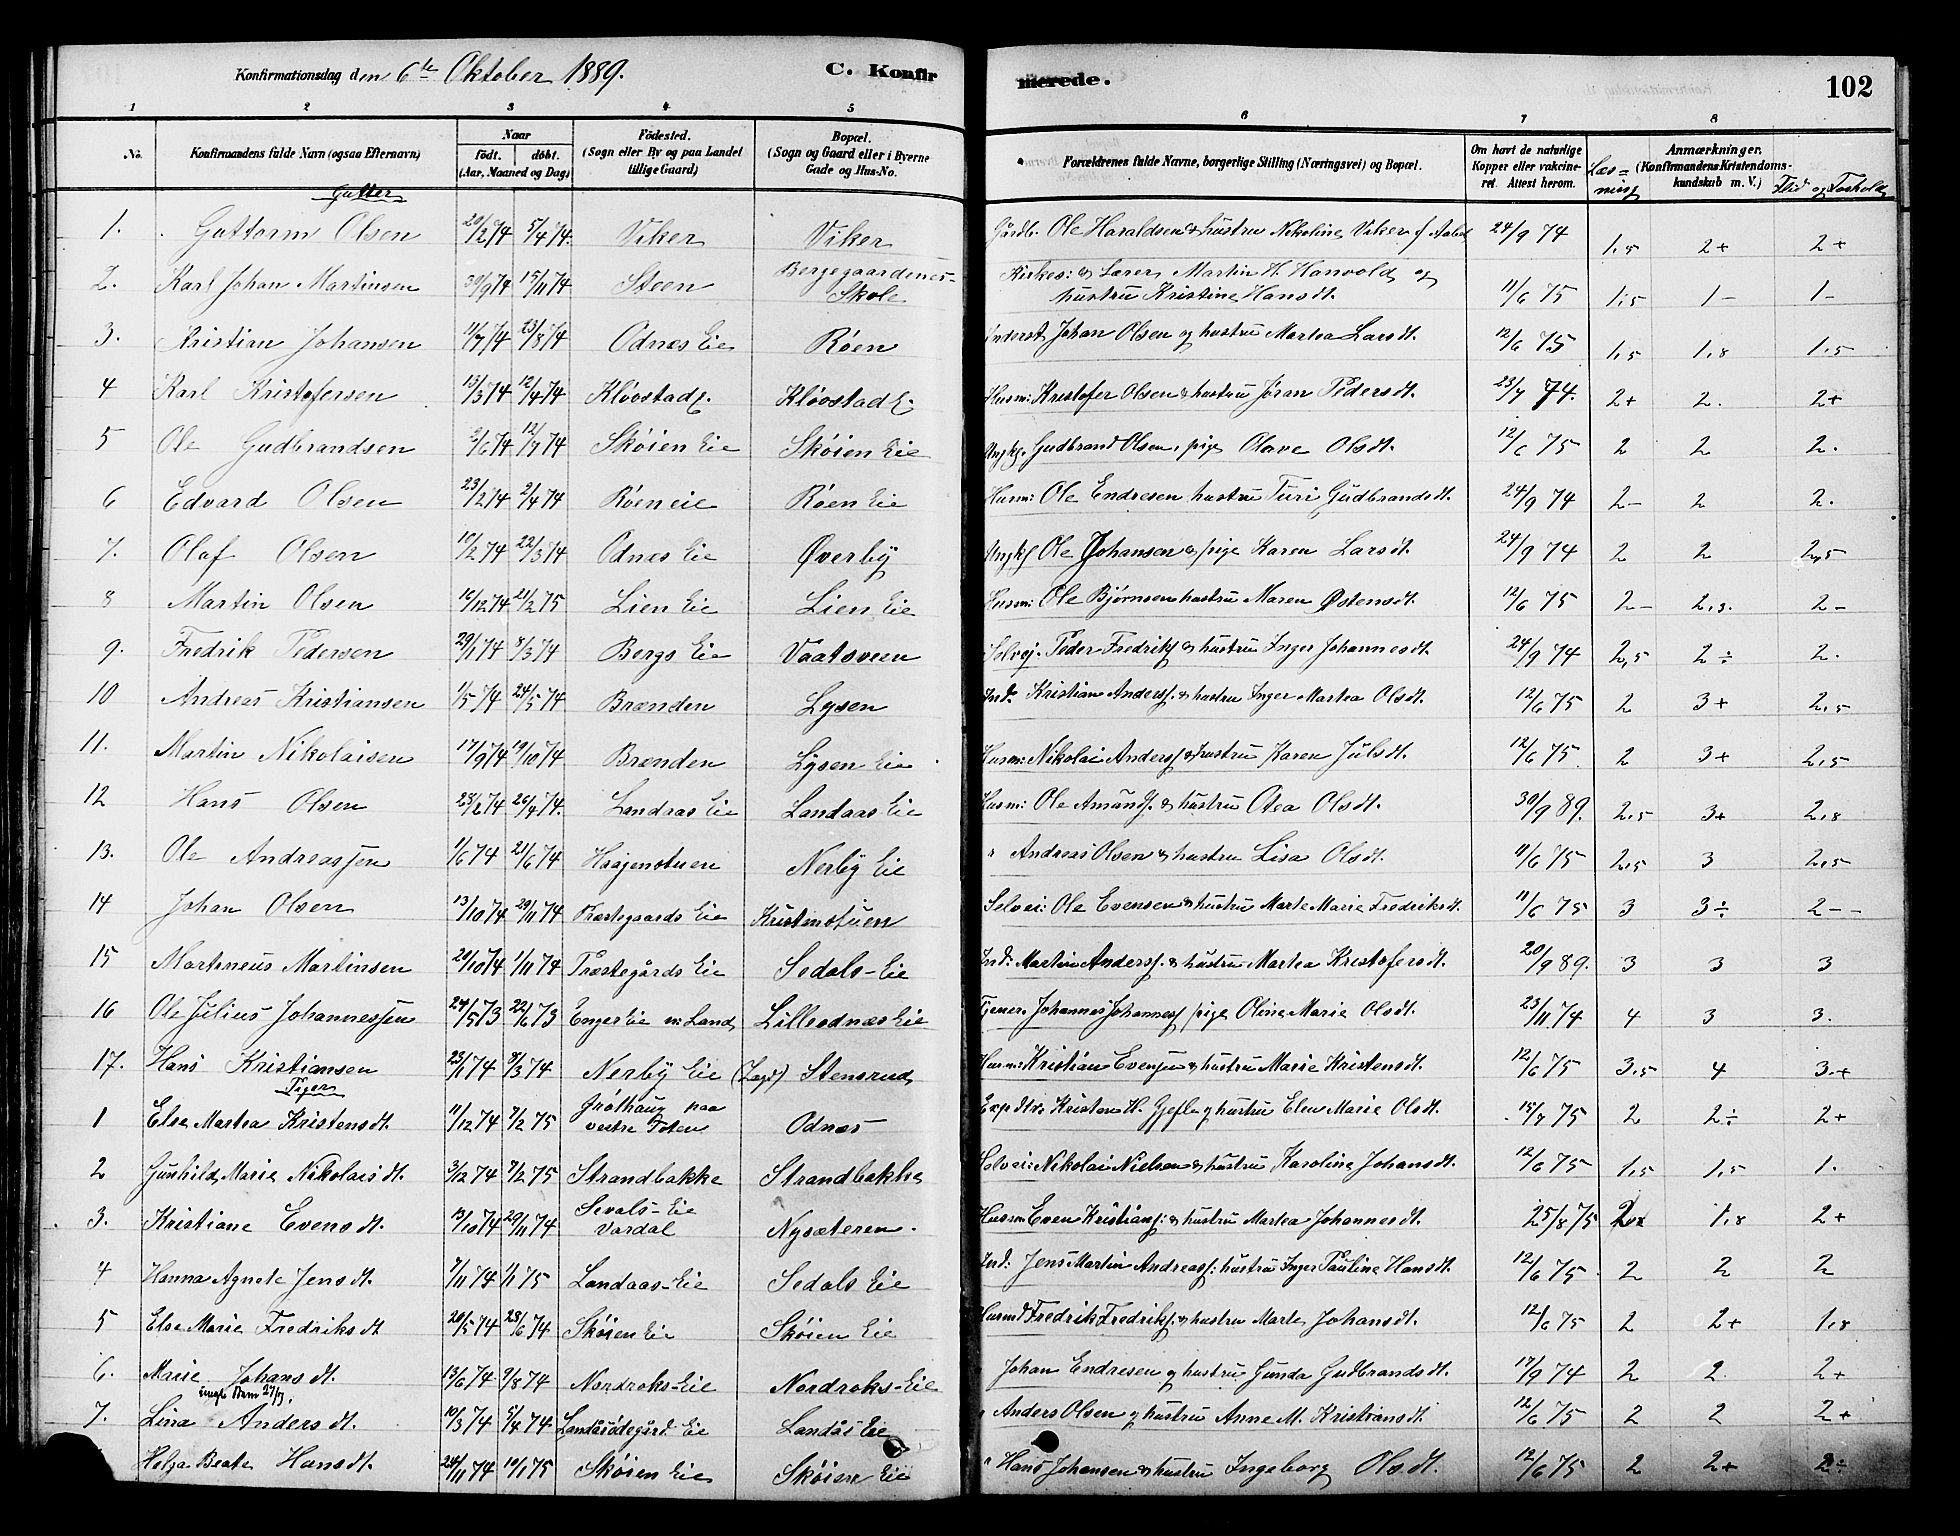 SAH, Søndre Land prestekontor, K/L0002: Ministerialbok nr. 2, 1878-1894, s. 102